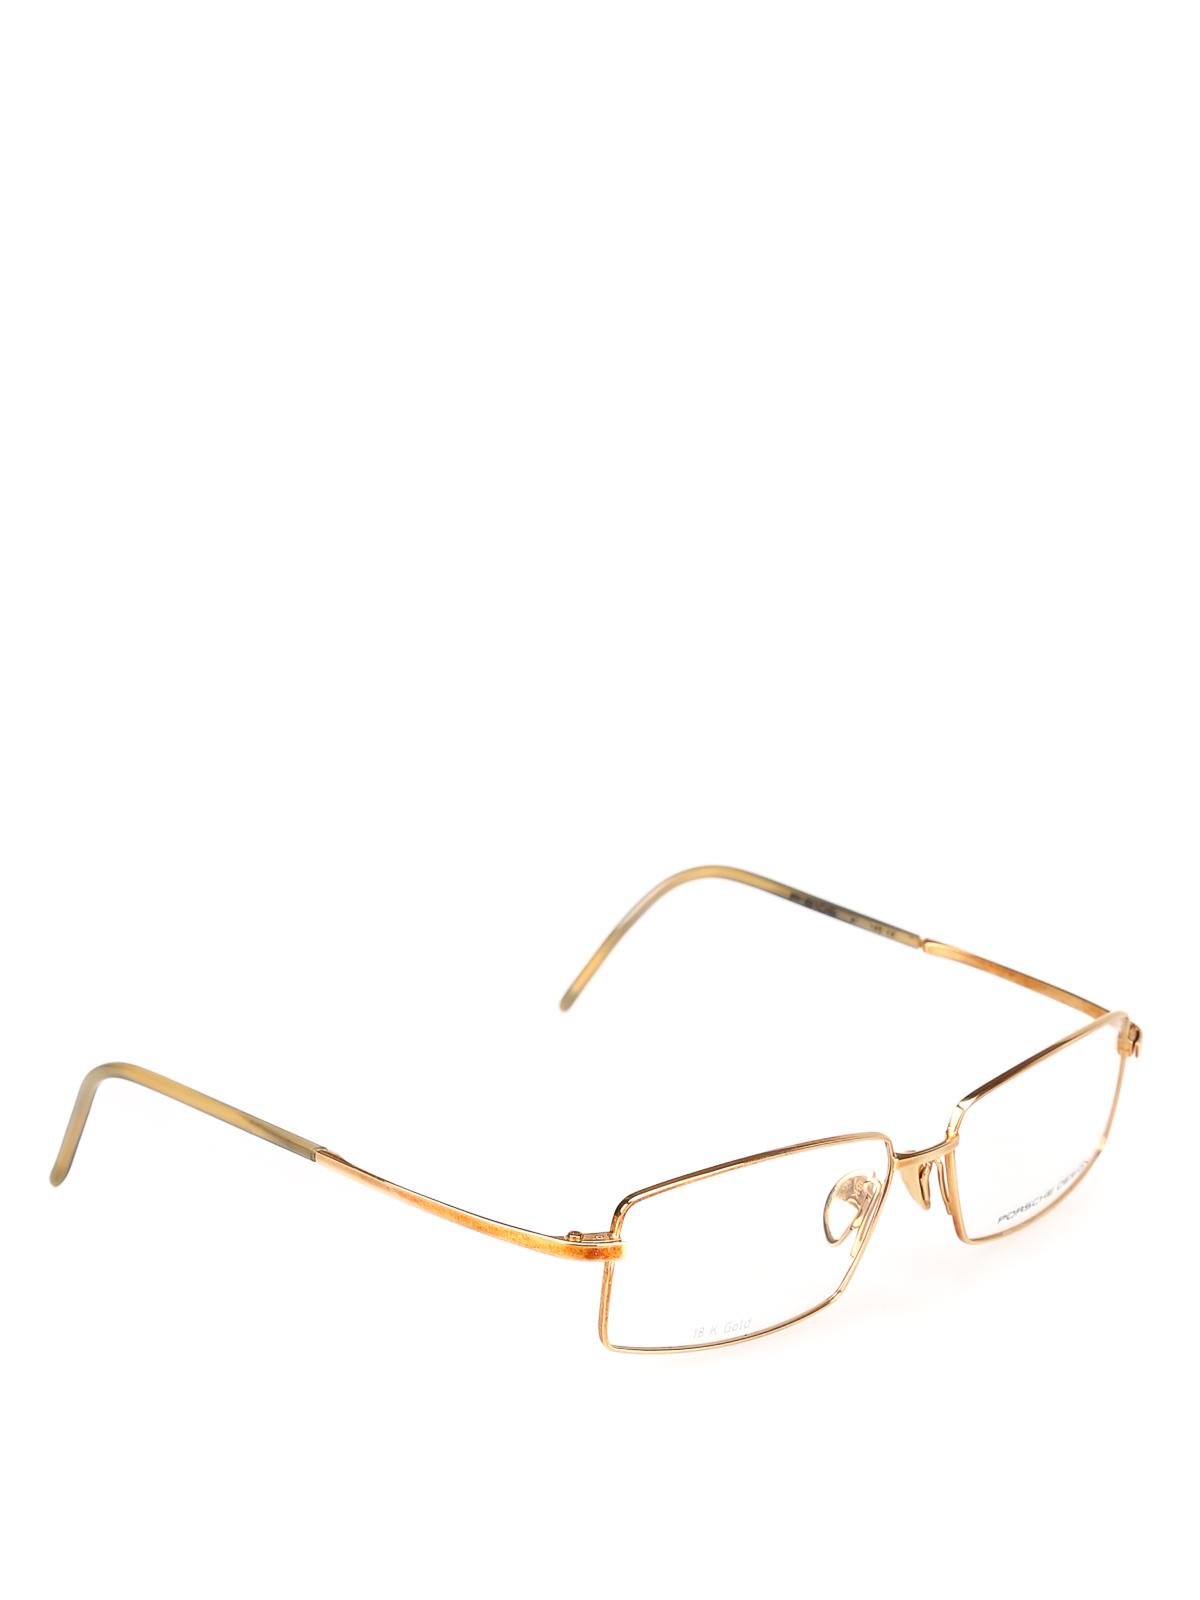 Porsche Design Brillen Gold Brillen 8106a Ikrix Shop Online